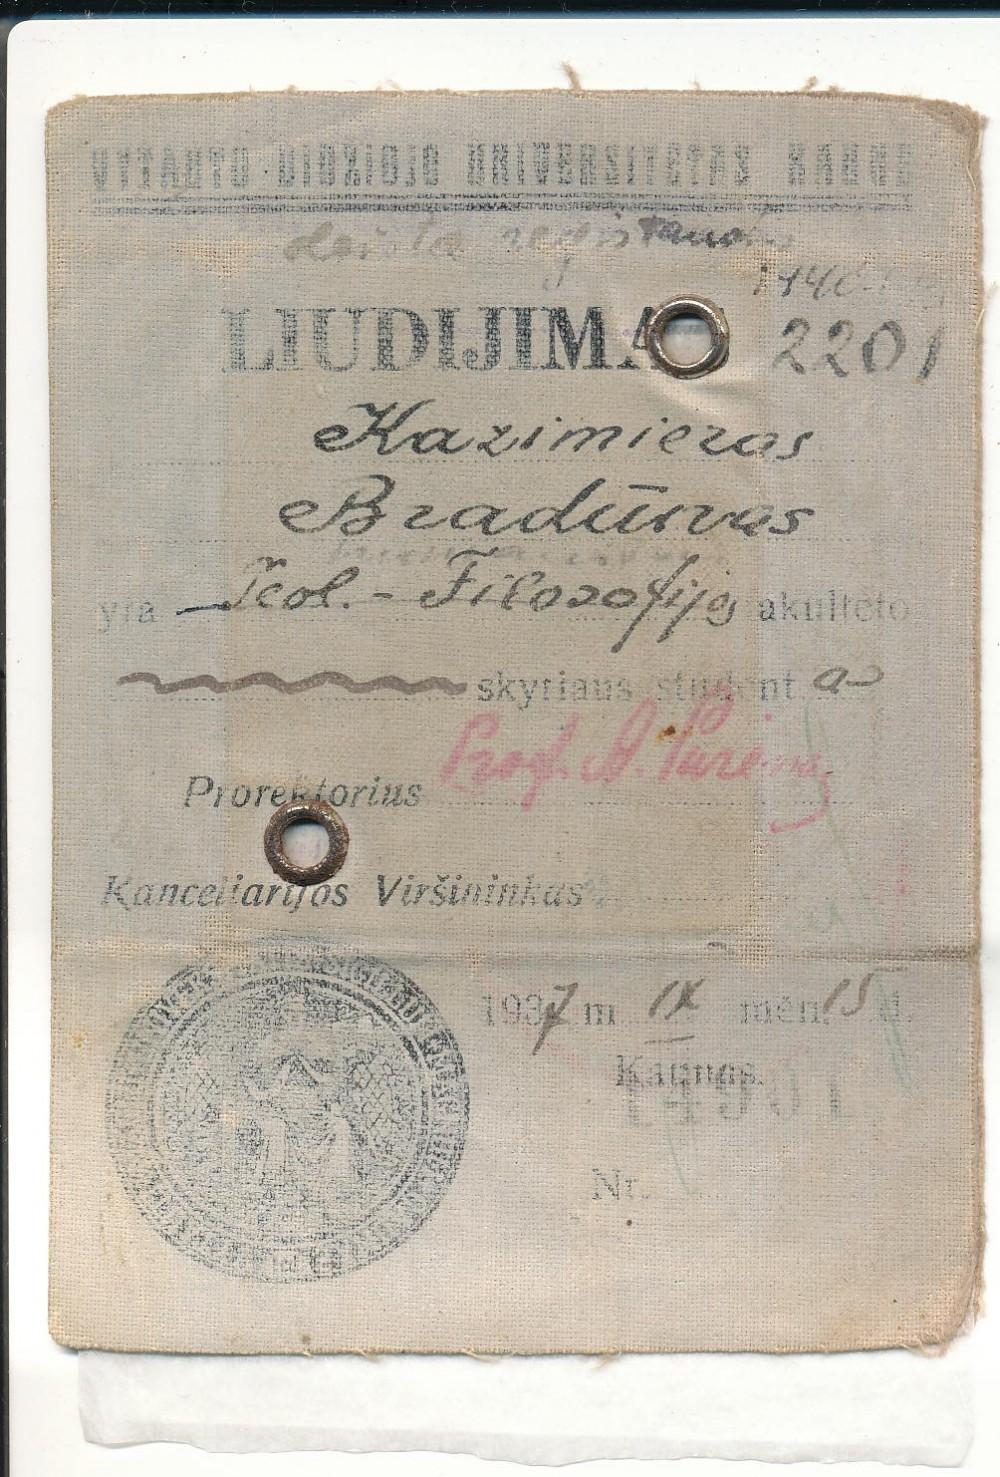 Vytauto Didžiojo universiteto studento liudijimas, išduotas K. Bradūnui 1937 09 15 Kaune